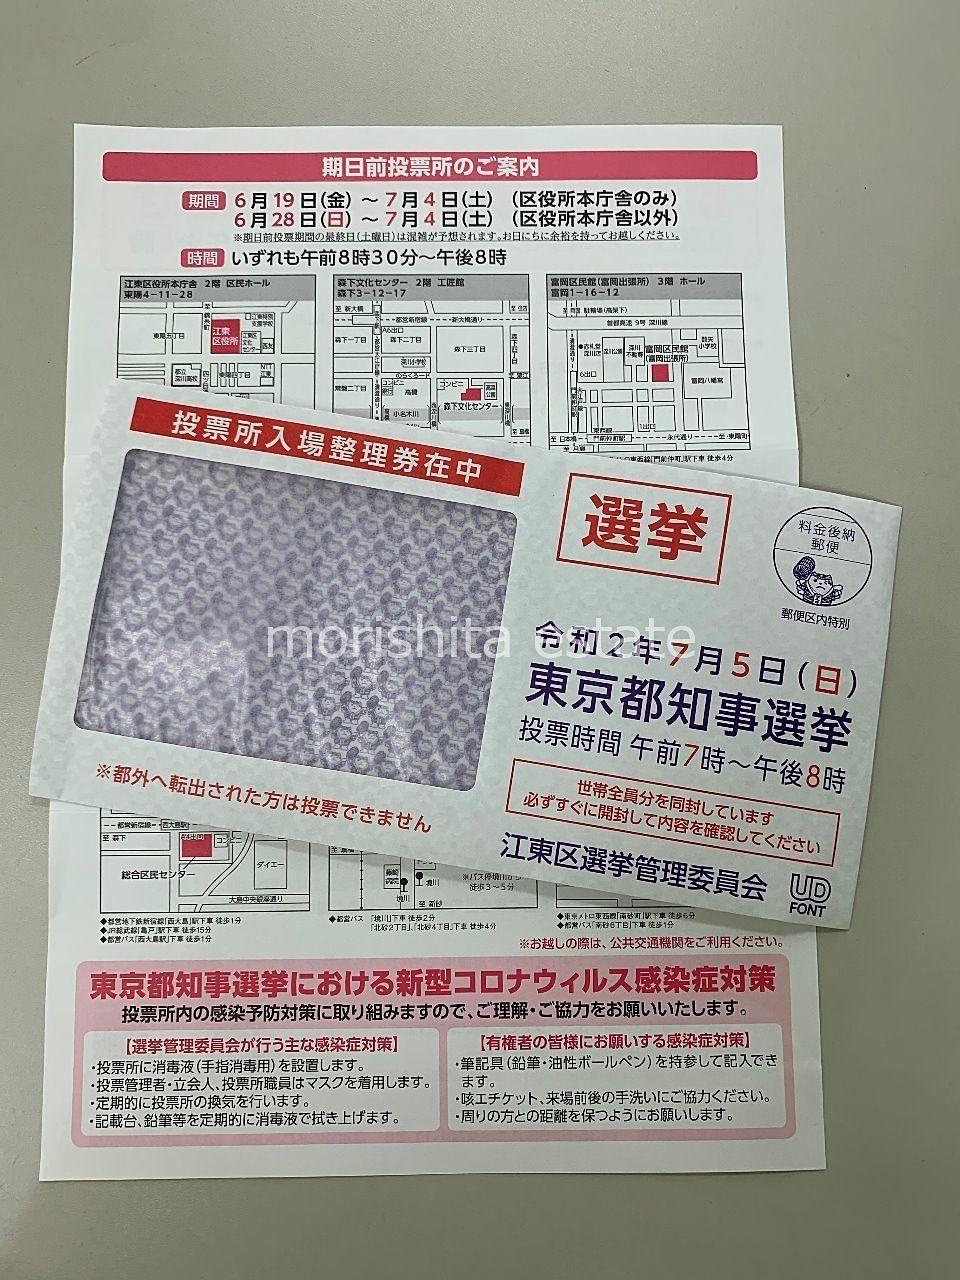 東京都知事選挙 期日前投票 江東区 写真